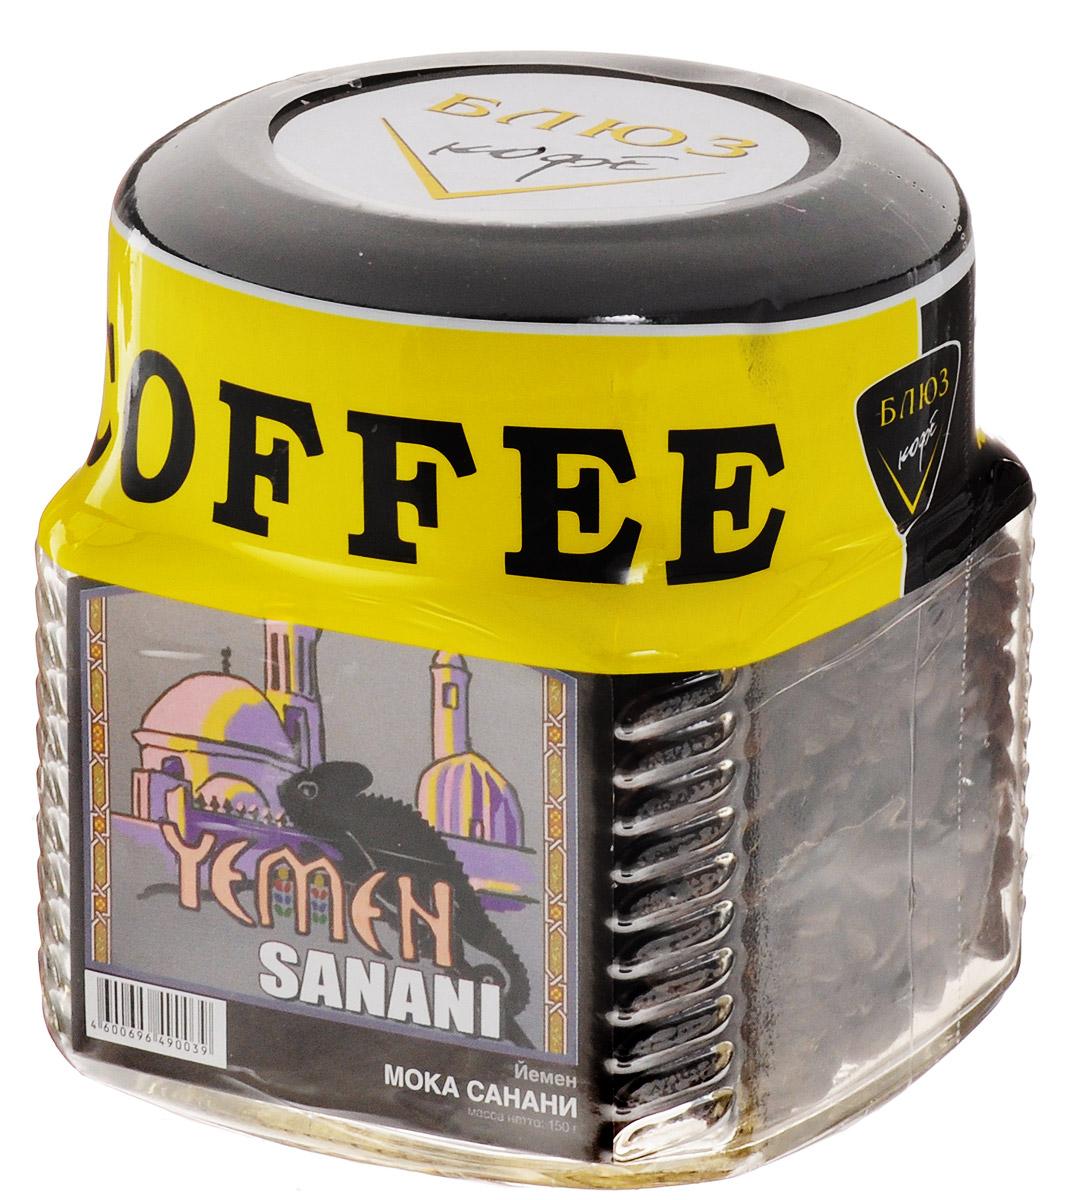 Кофе Блюз Блюз Йемен Мока Санани кофе в зернах, 150 г 4600696490039